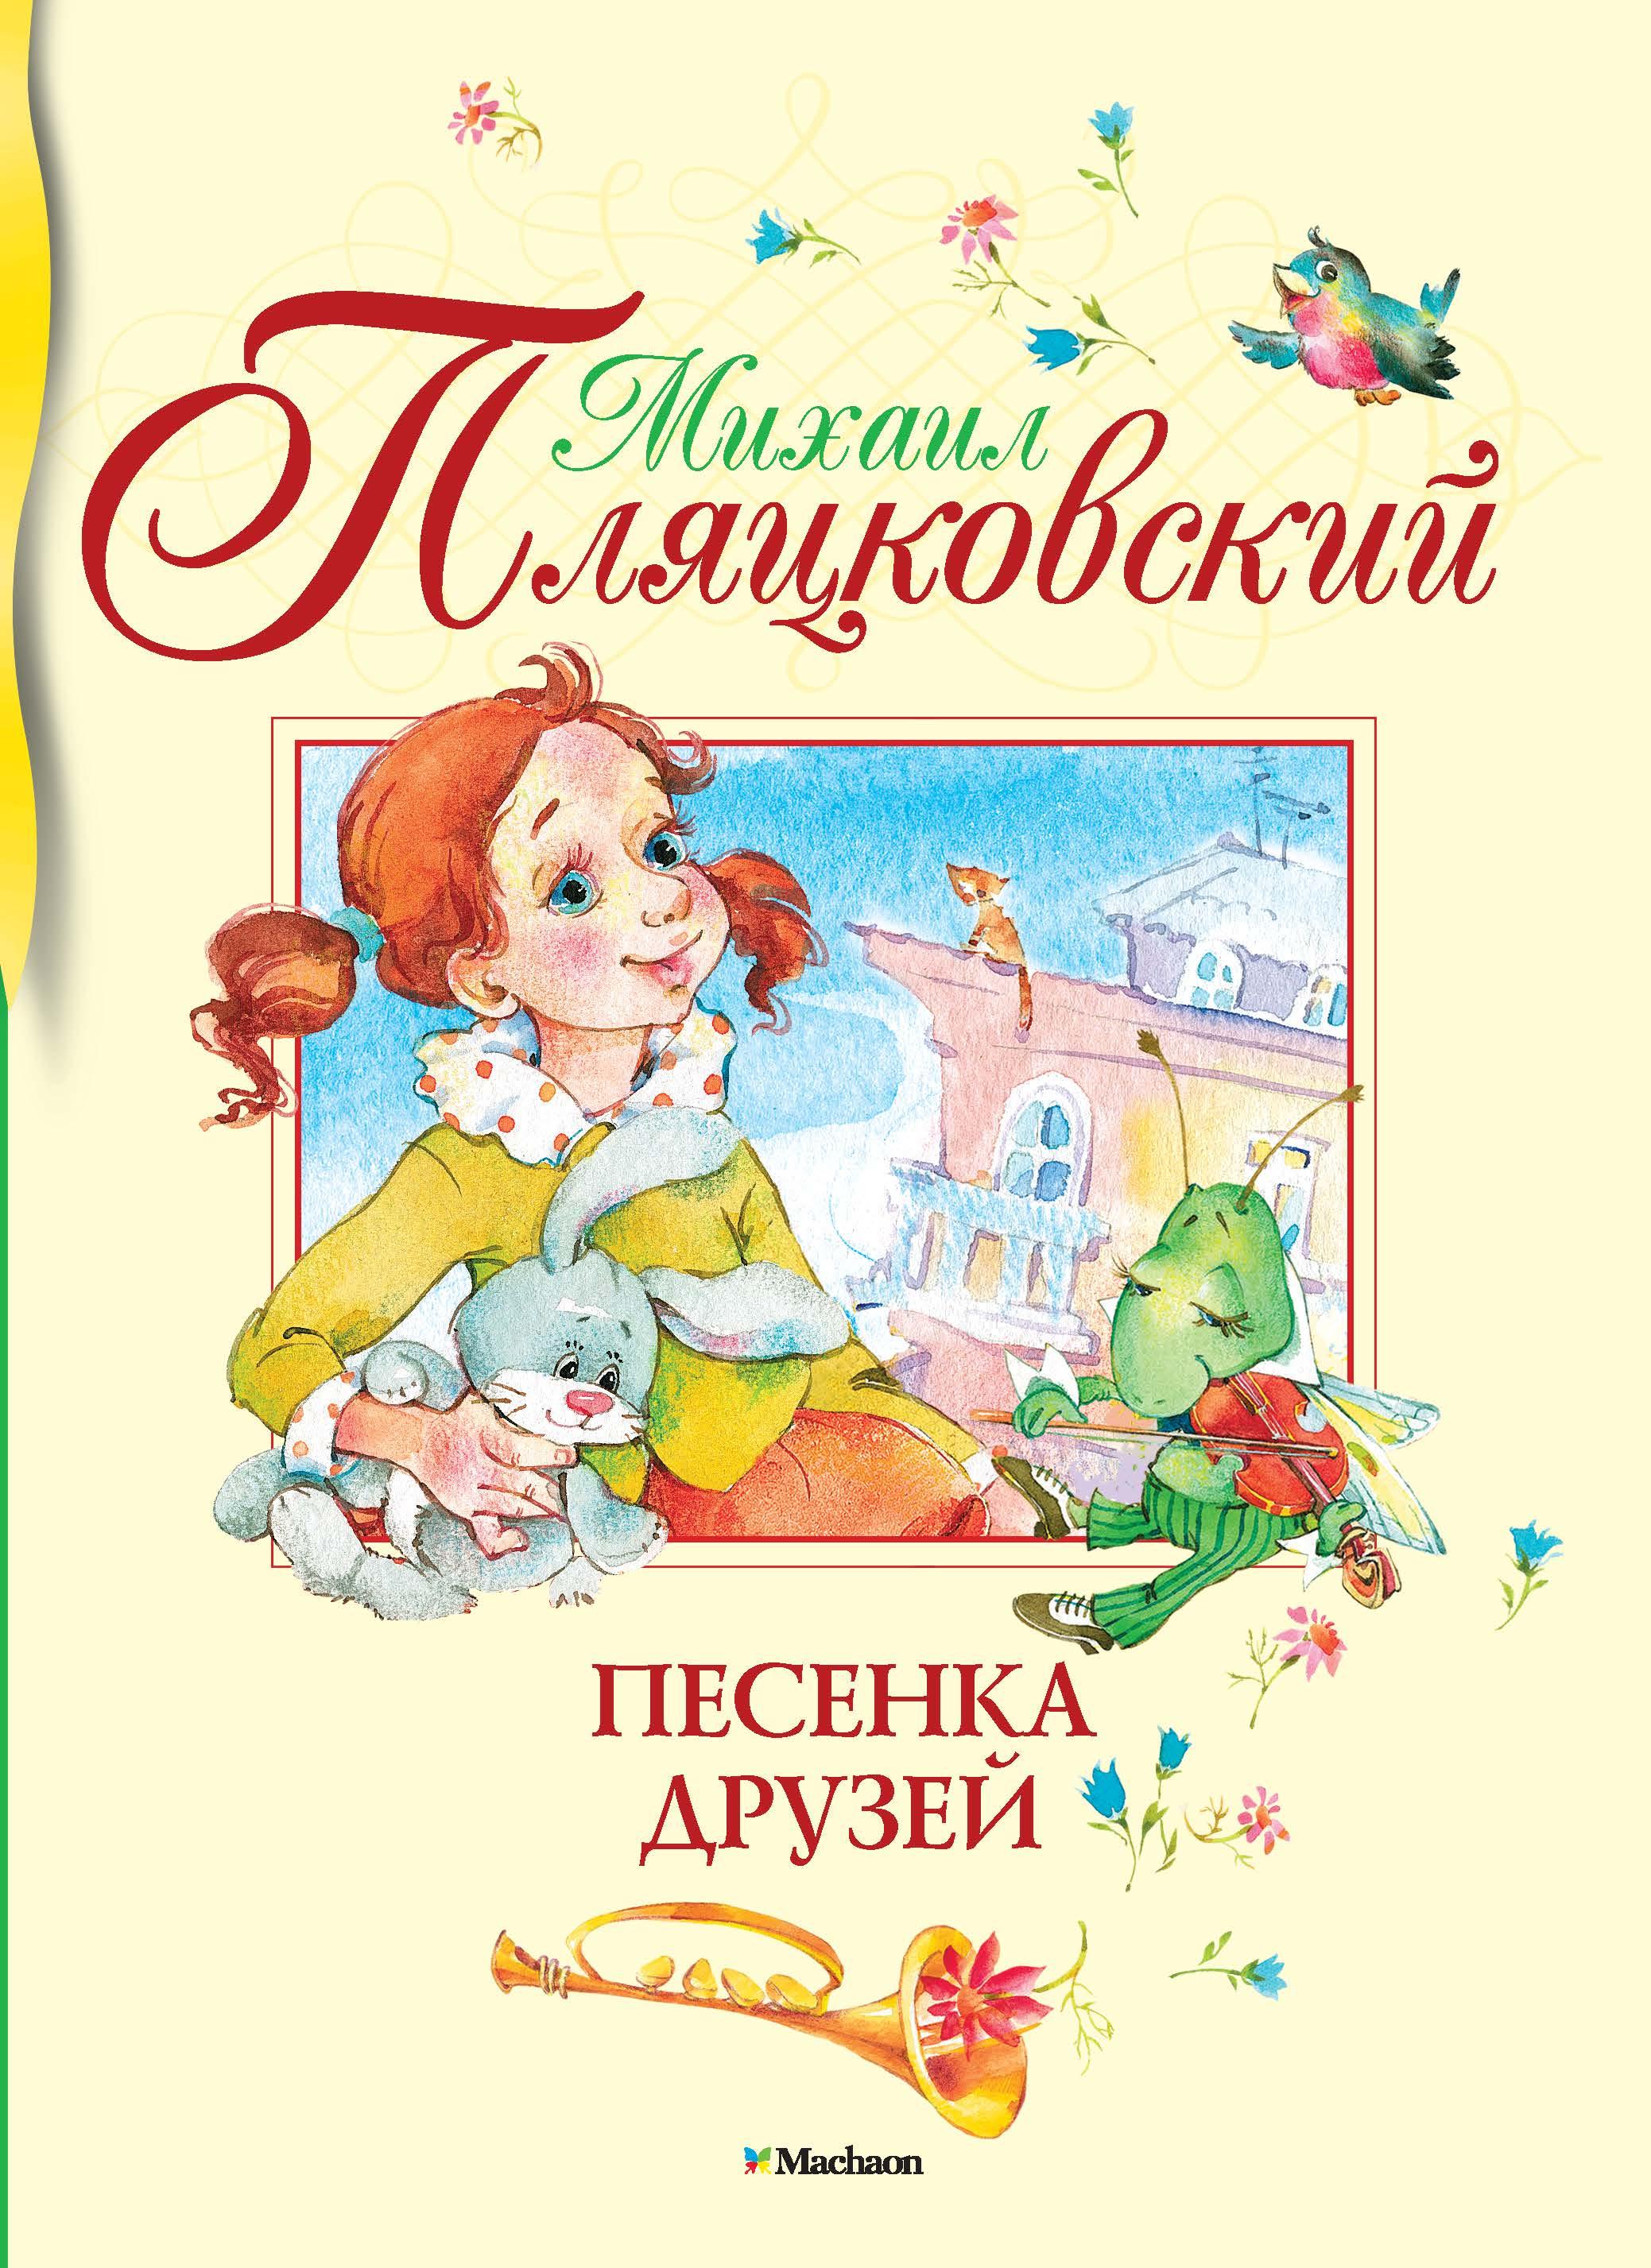 Пляцковский М. Песенка друзей игровые стихи